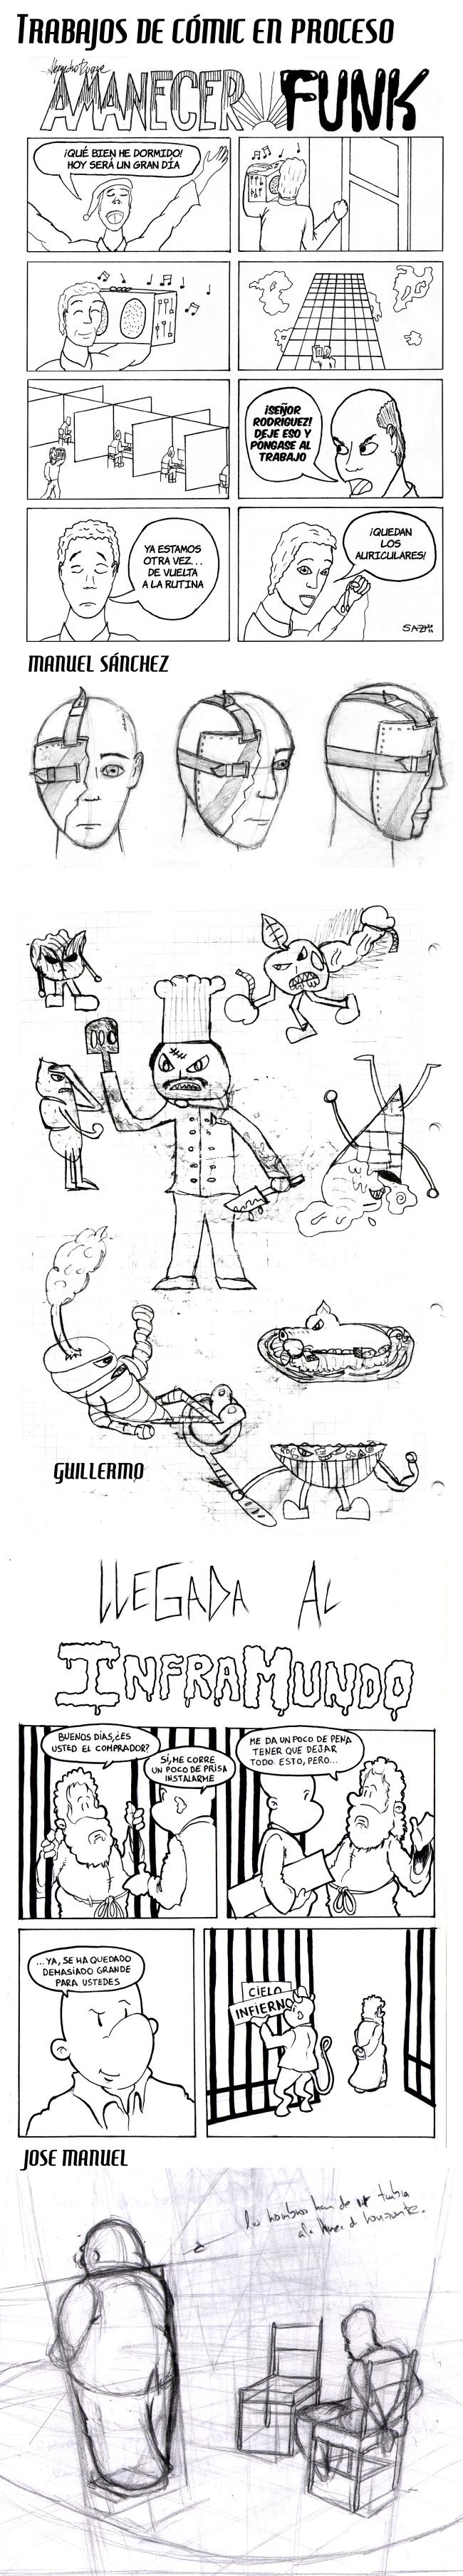 trabajos-alumnos-curso-comic-sabados-clases-manga-dibujo-verano